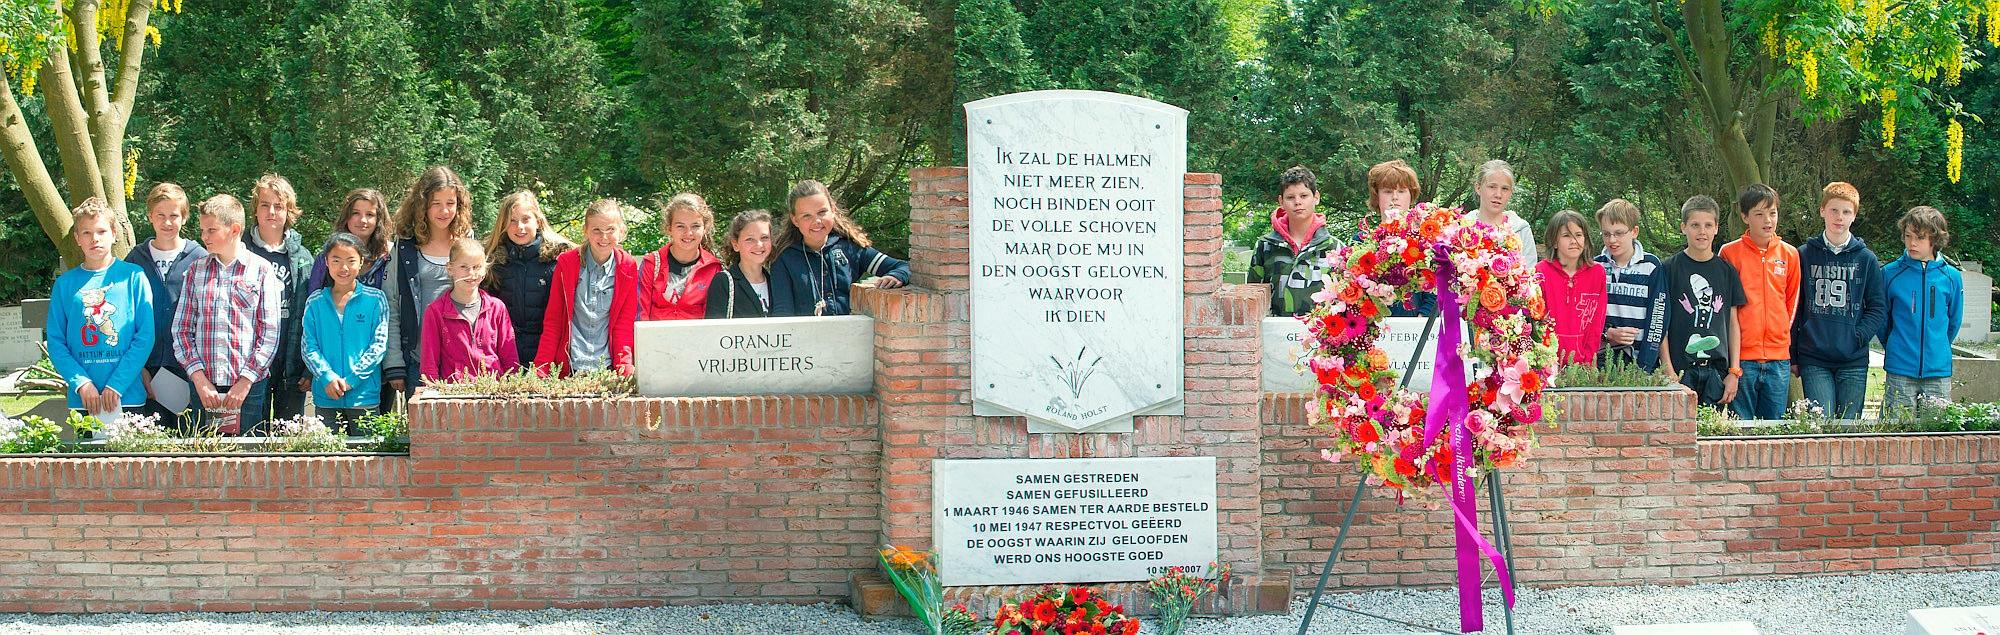 Oranje vrijbuiters Eregraf Herdenking 2012 Kinderen